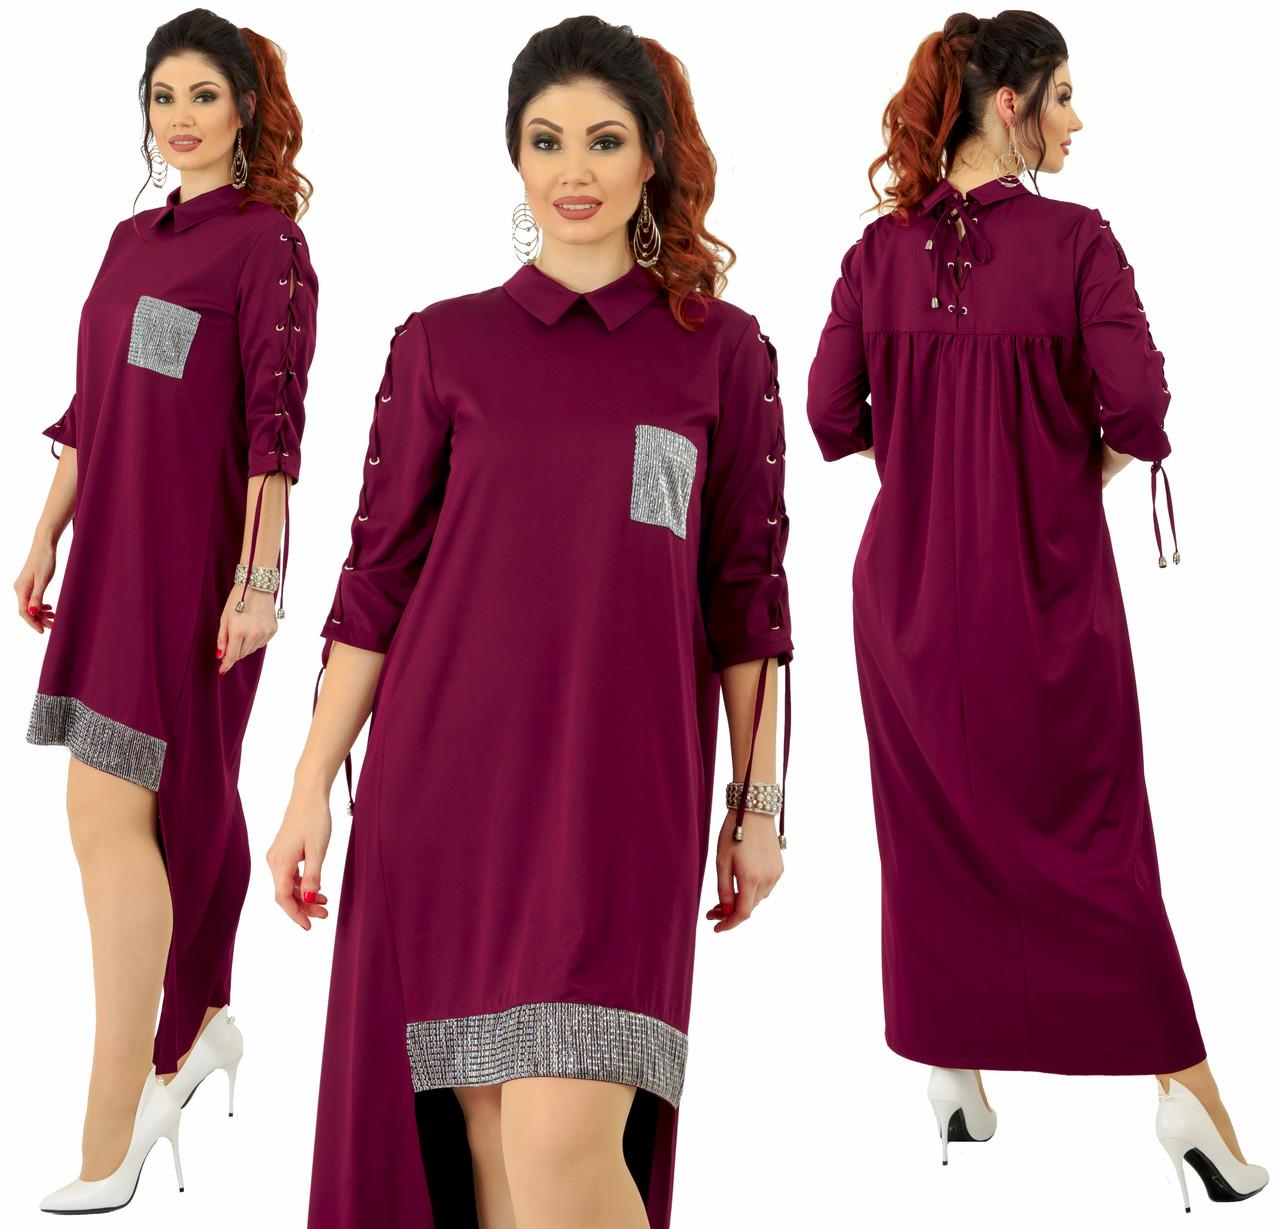 """Асимметричное платье  """"Барбарис""""больших размеров от 48 до 54 удлиненное сзади, украшено люрексом код  92/89034"""